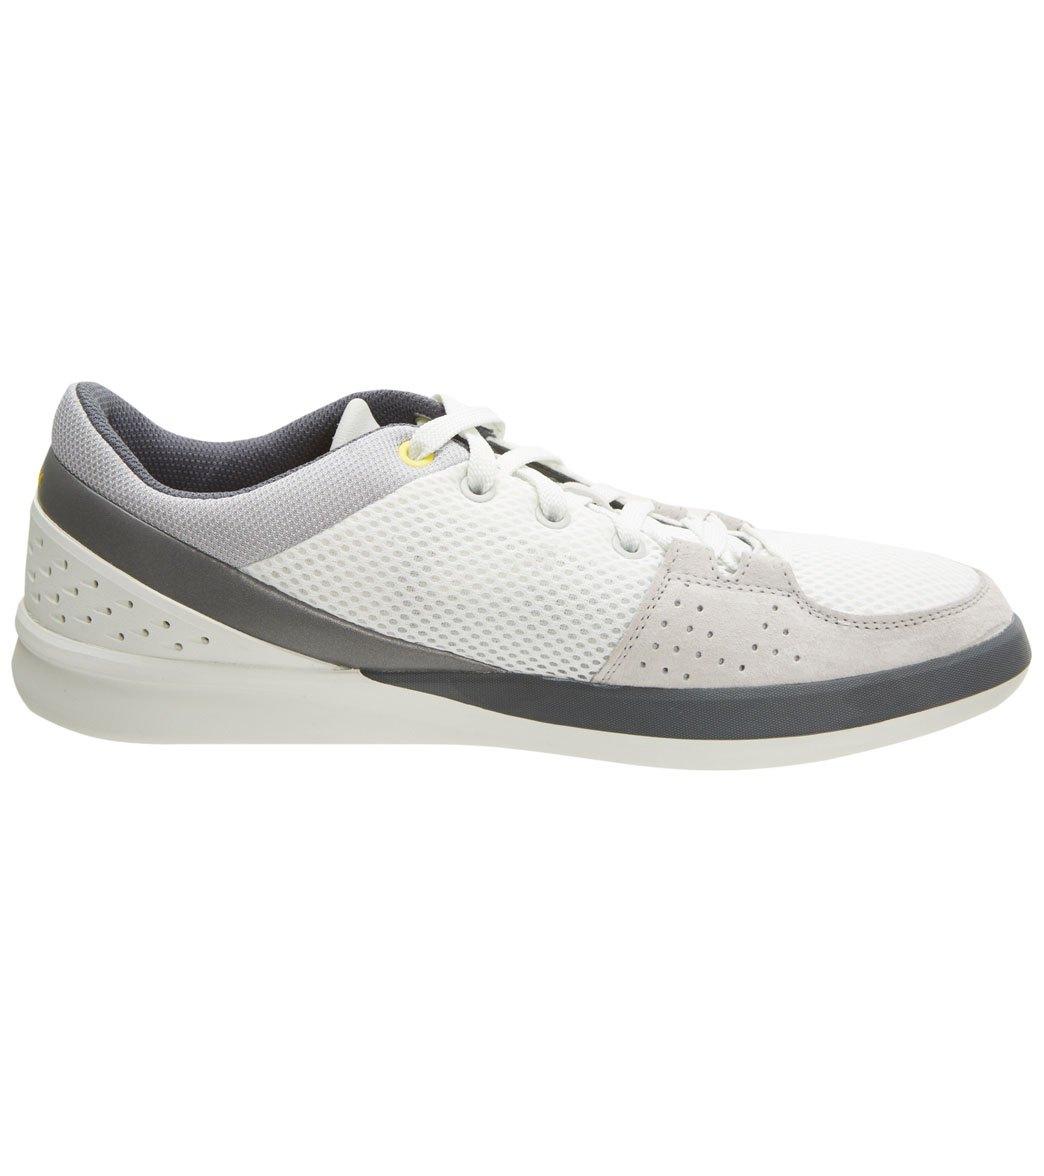 cb28d9a191624 Helly Hansen Men's HH 5.5 M Water Shoes